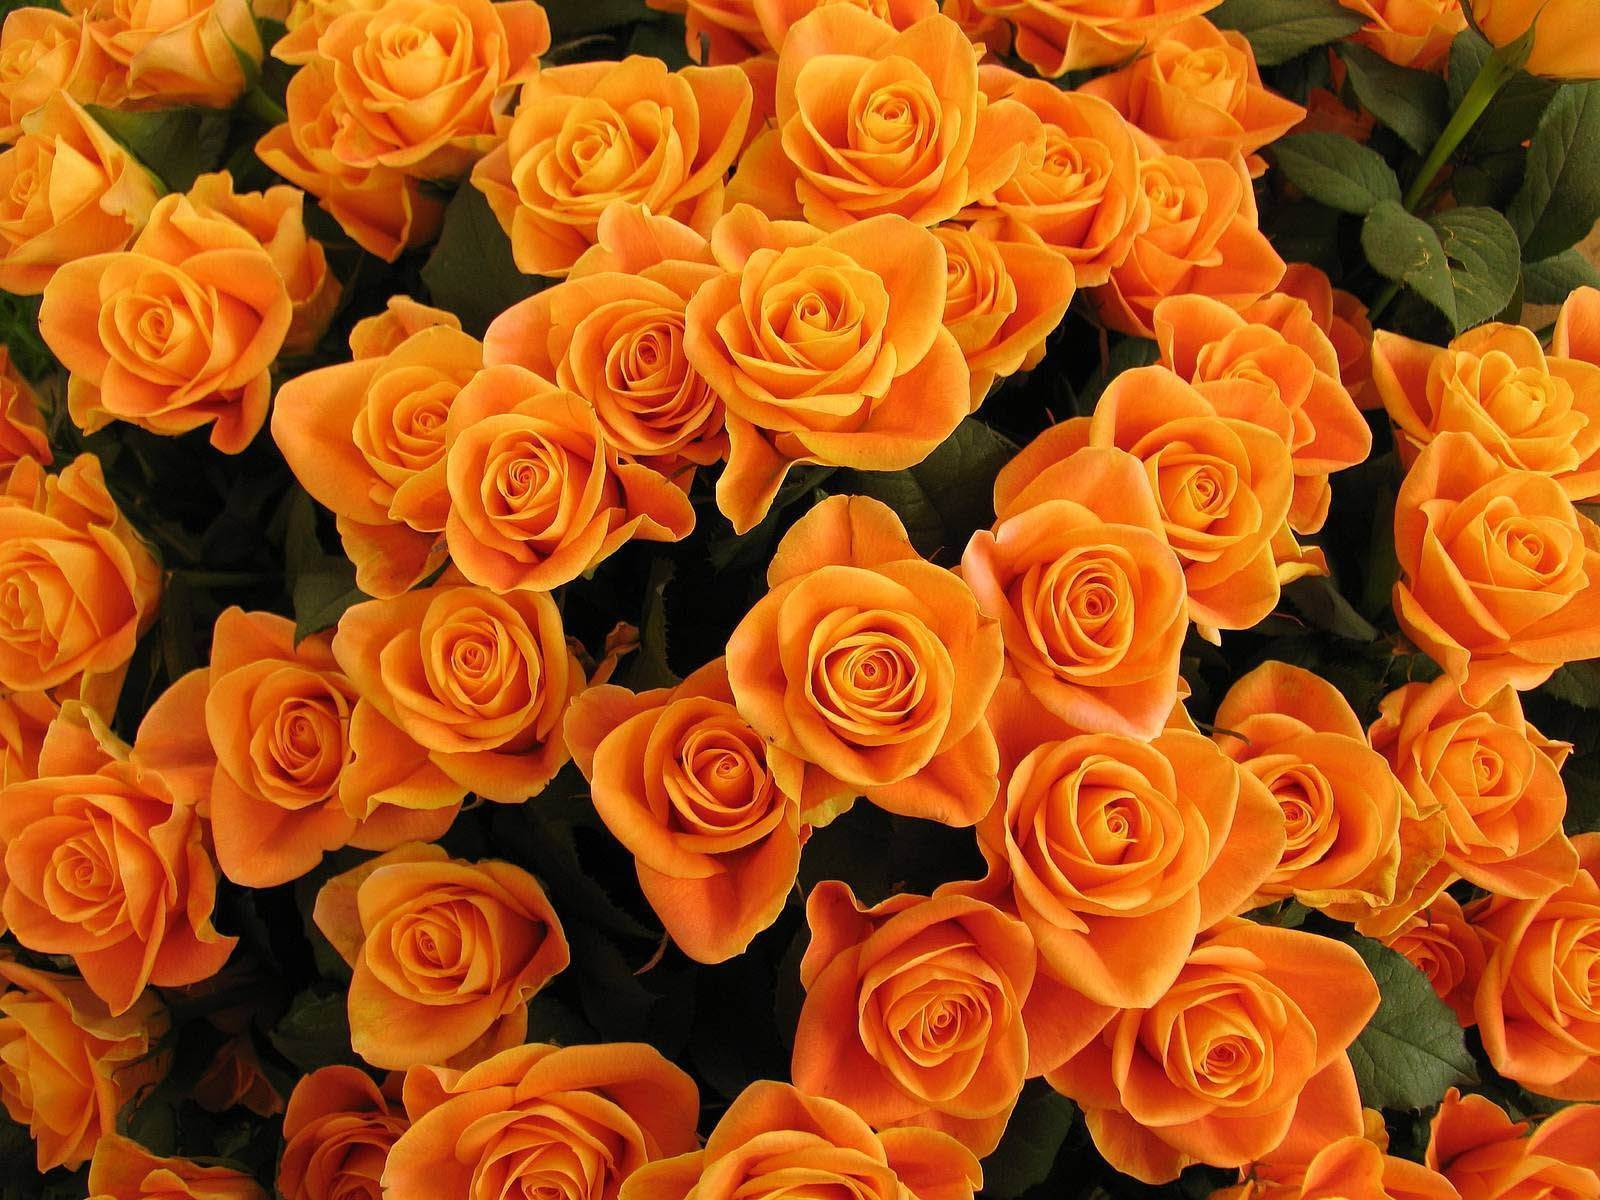 Кустовые розы (62 фото): сорта садовых роз, особенности мелкоцветковых растений. обрезка кустов осенью на зиму, зимнее укрытие для растений